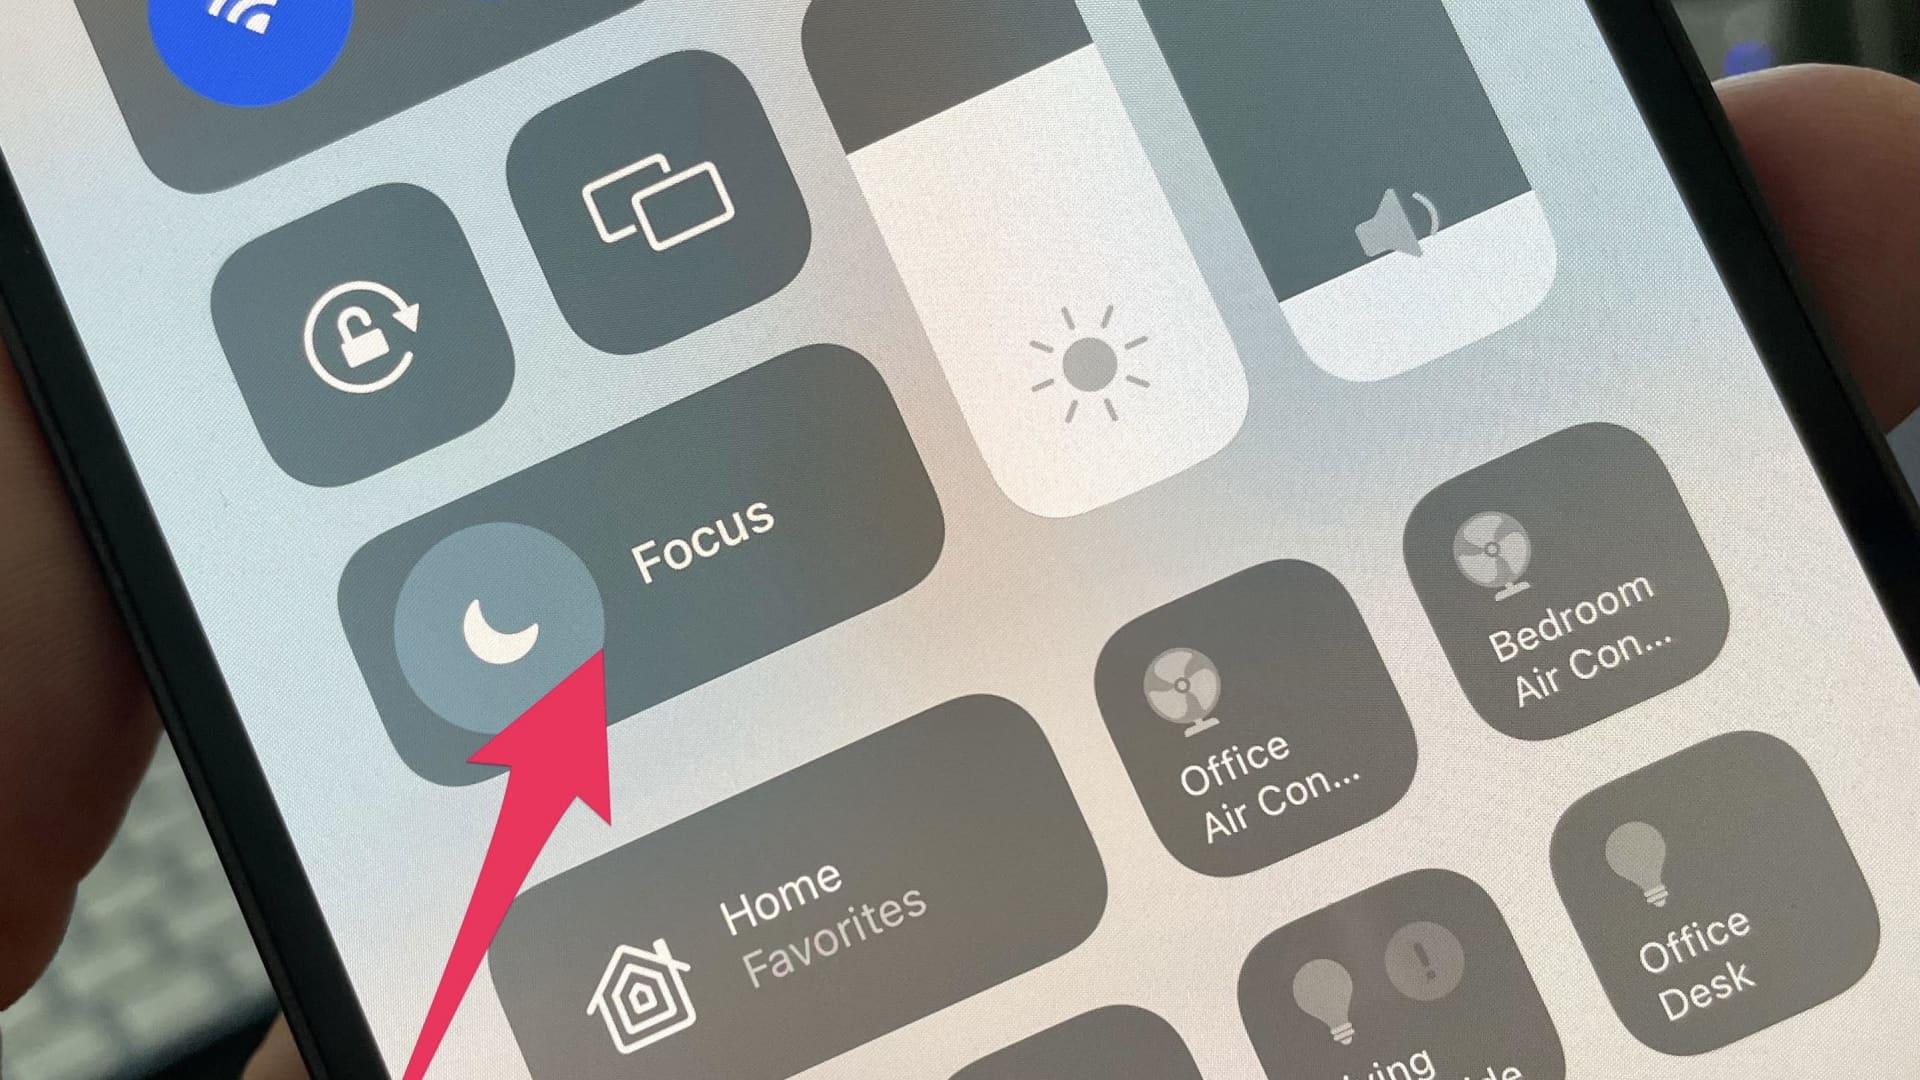 Apple's new Focus feature in iOS 15